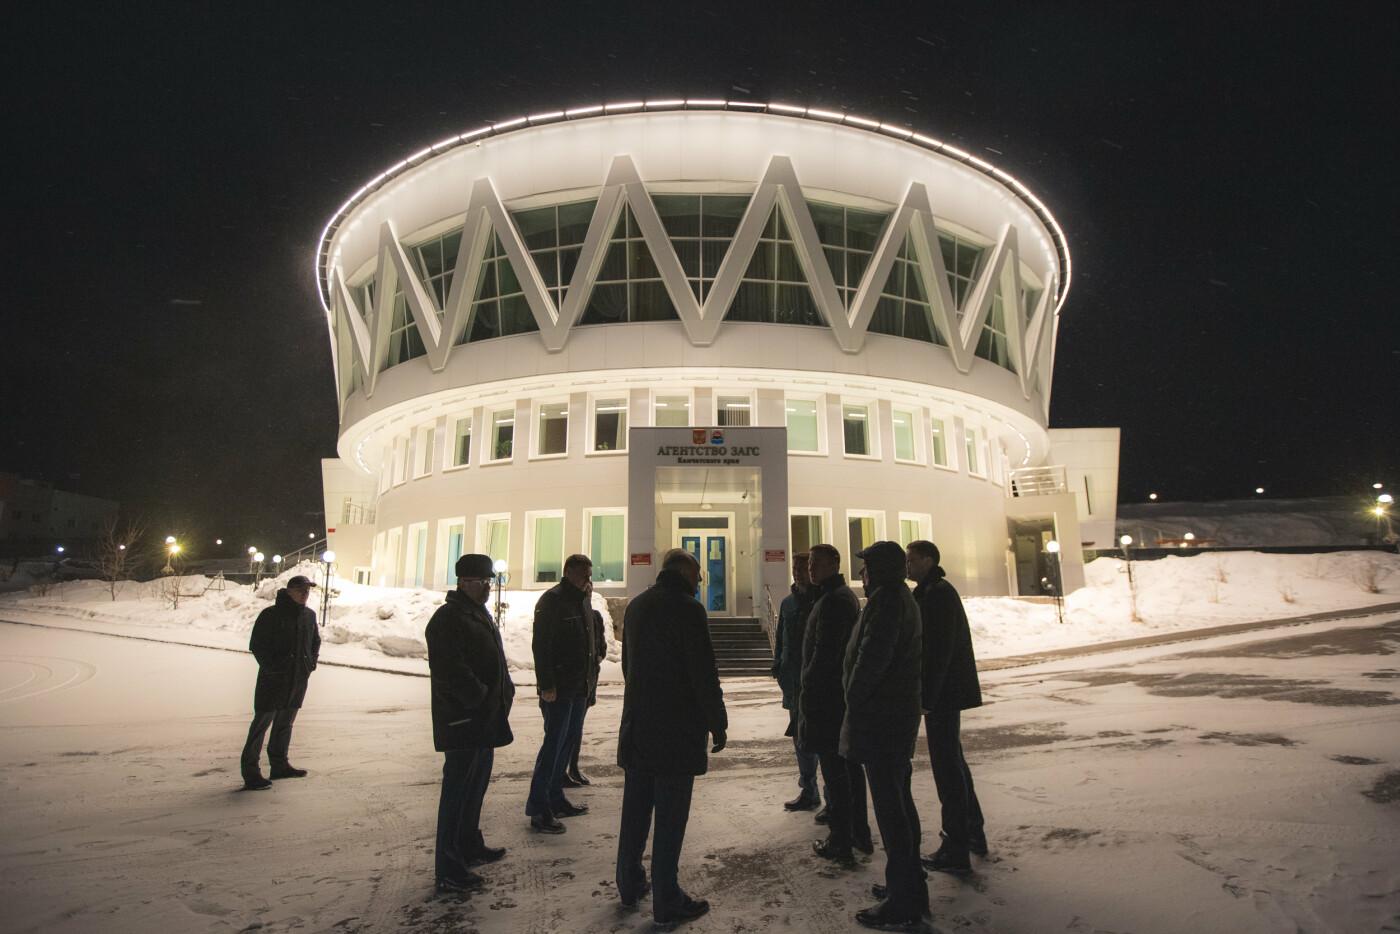 Камчатский Дворец бракосочетаний светится в темноте, фото-6